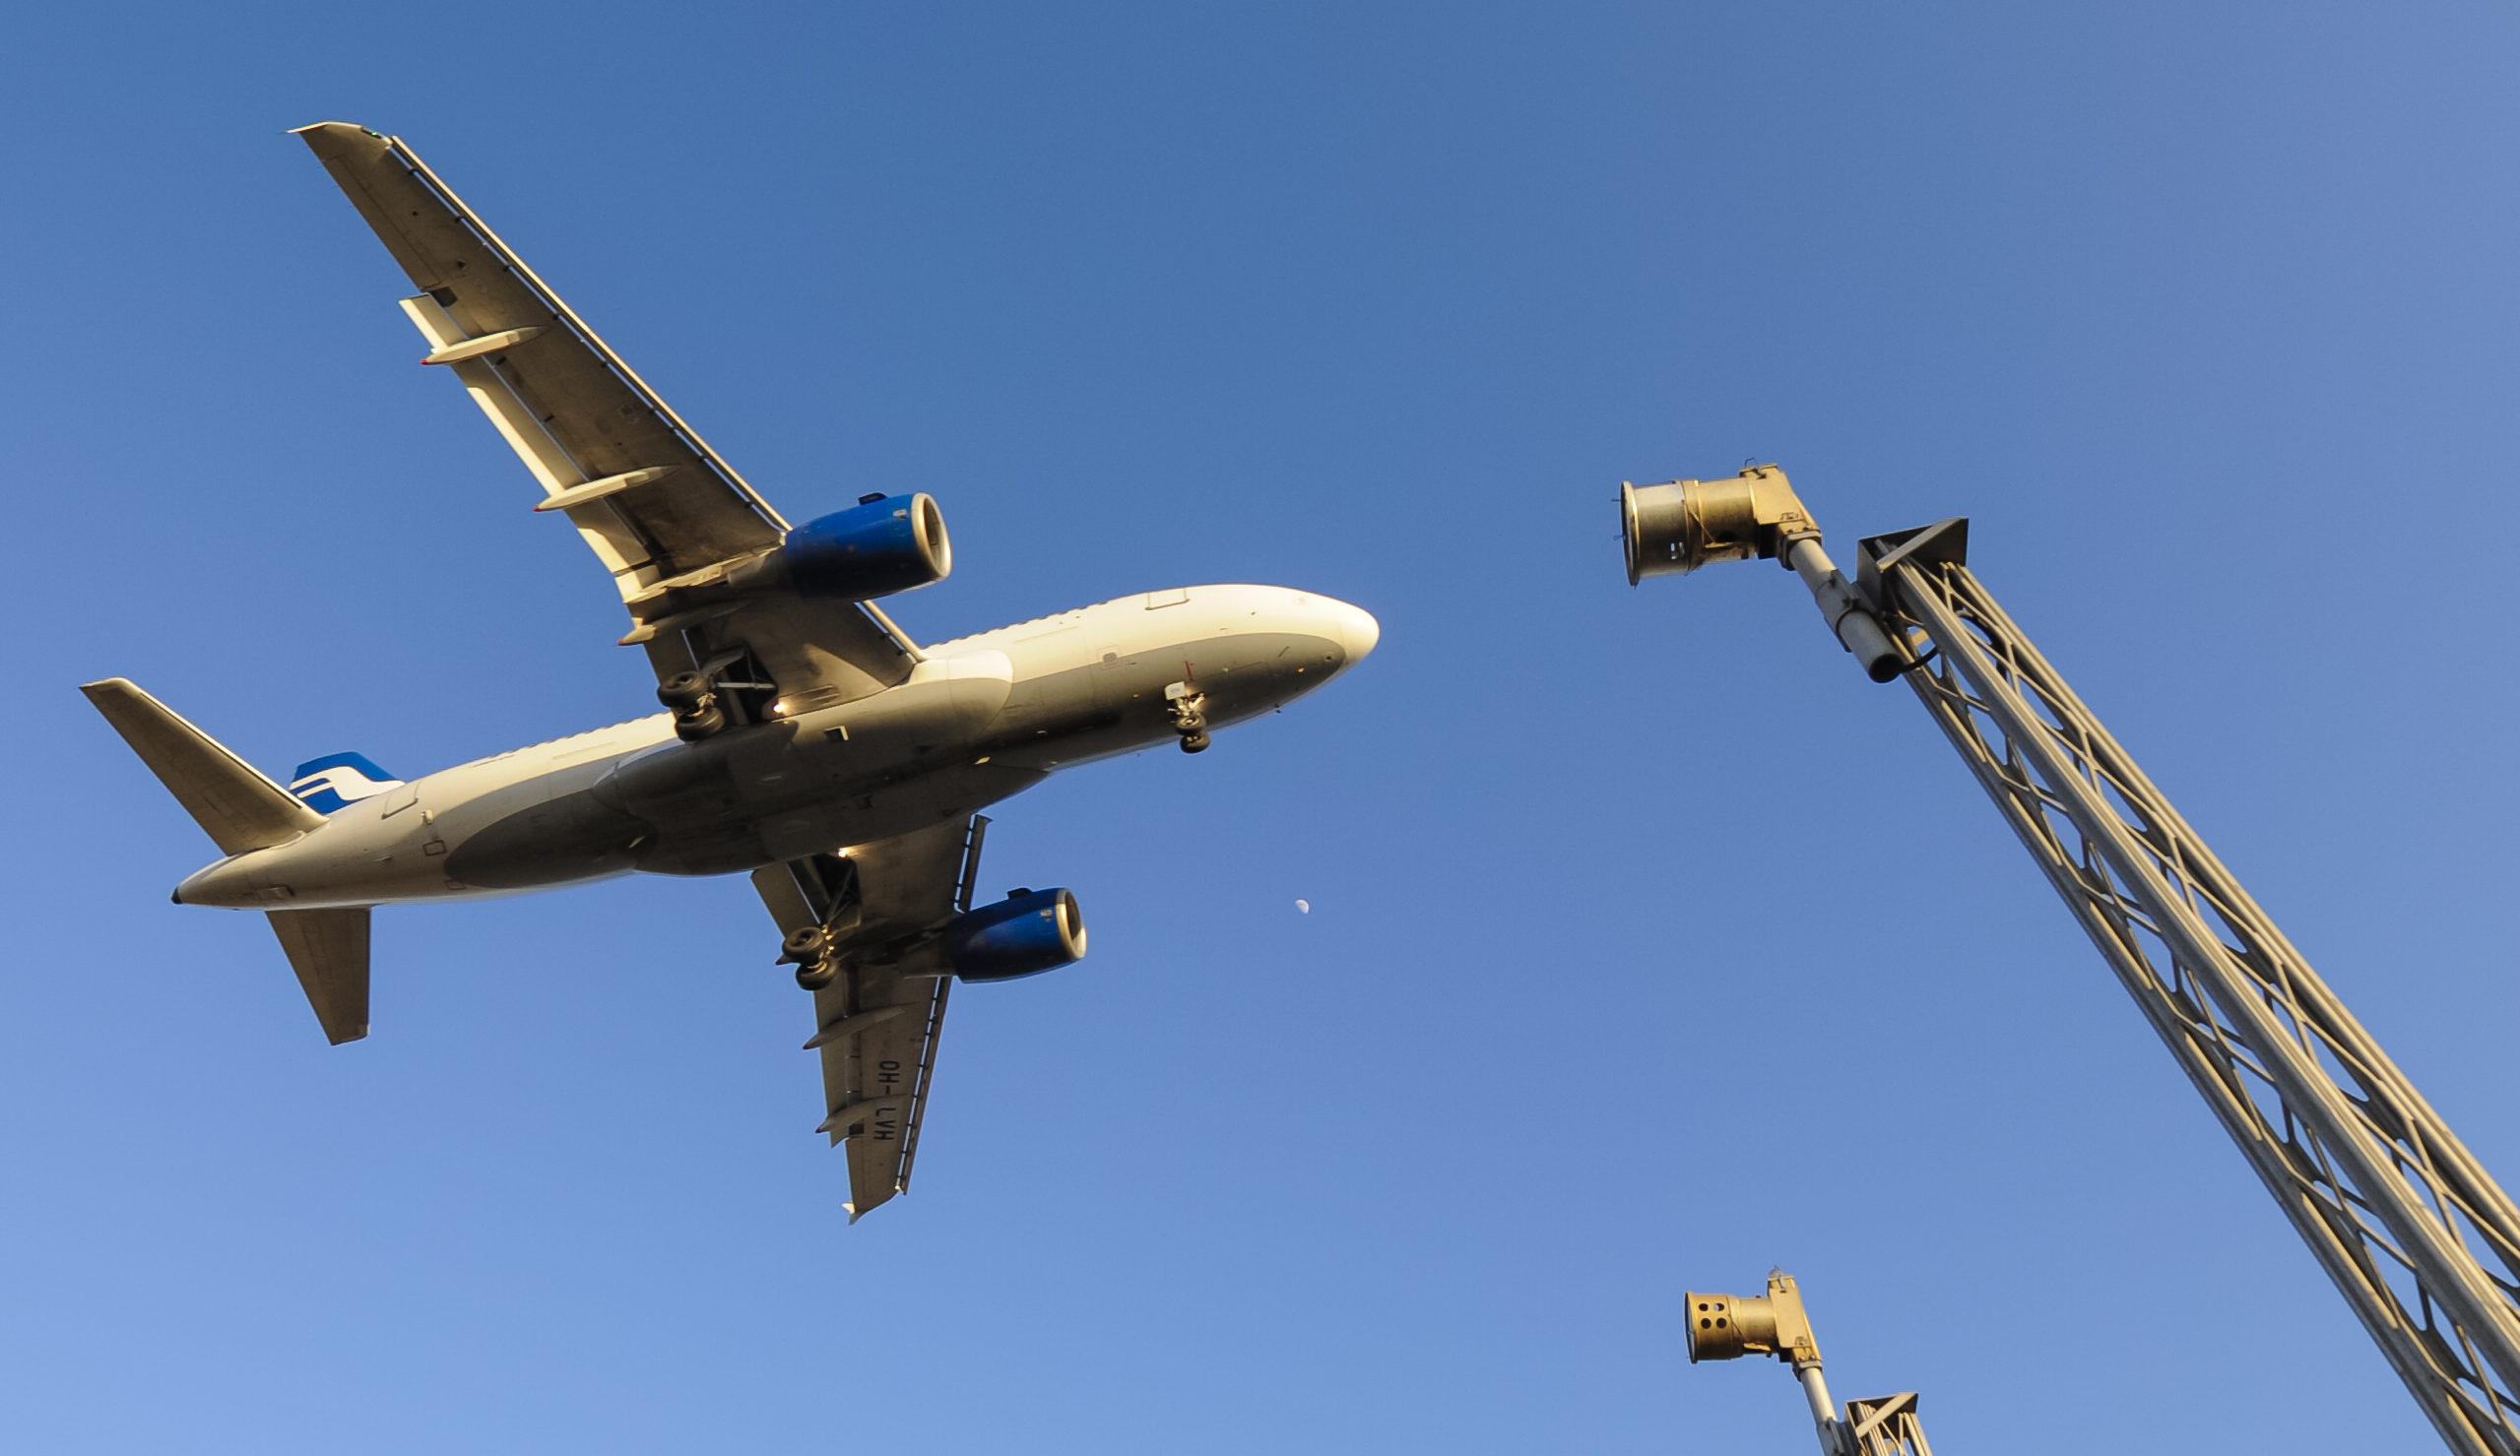 Finnair giver nu mulighed for, at kunderne kan kompensere for deres CO2-udslip til atmosfæren. Her en Airbus A319 fra Finnair. (Foto: © Thorbjørn Brunander Sund, Danish Aviation Photo)